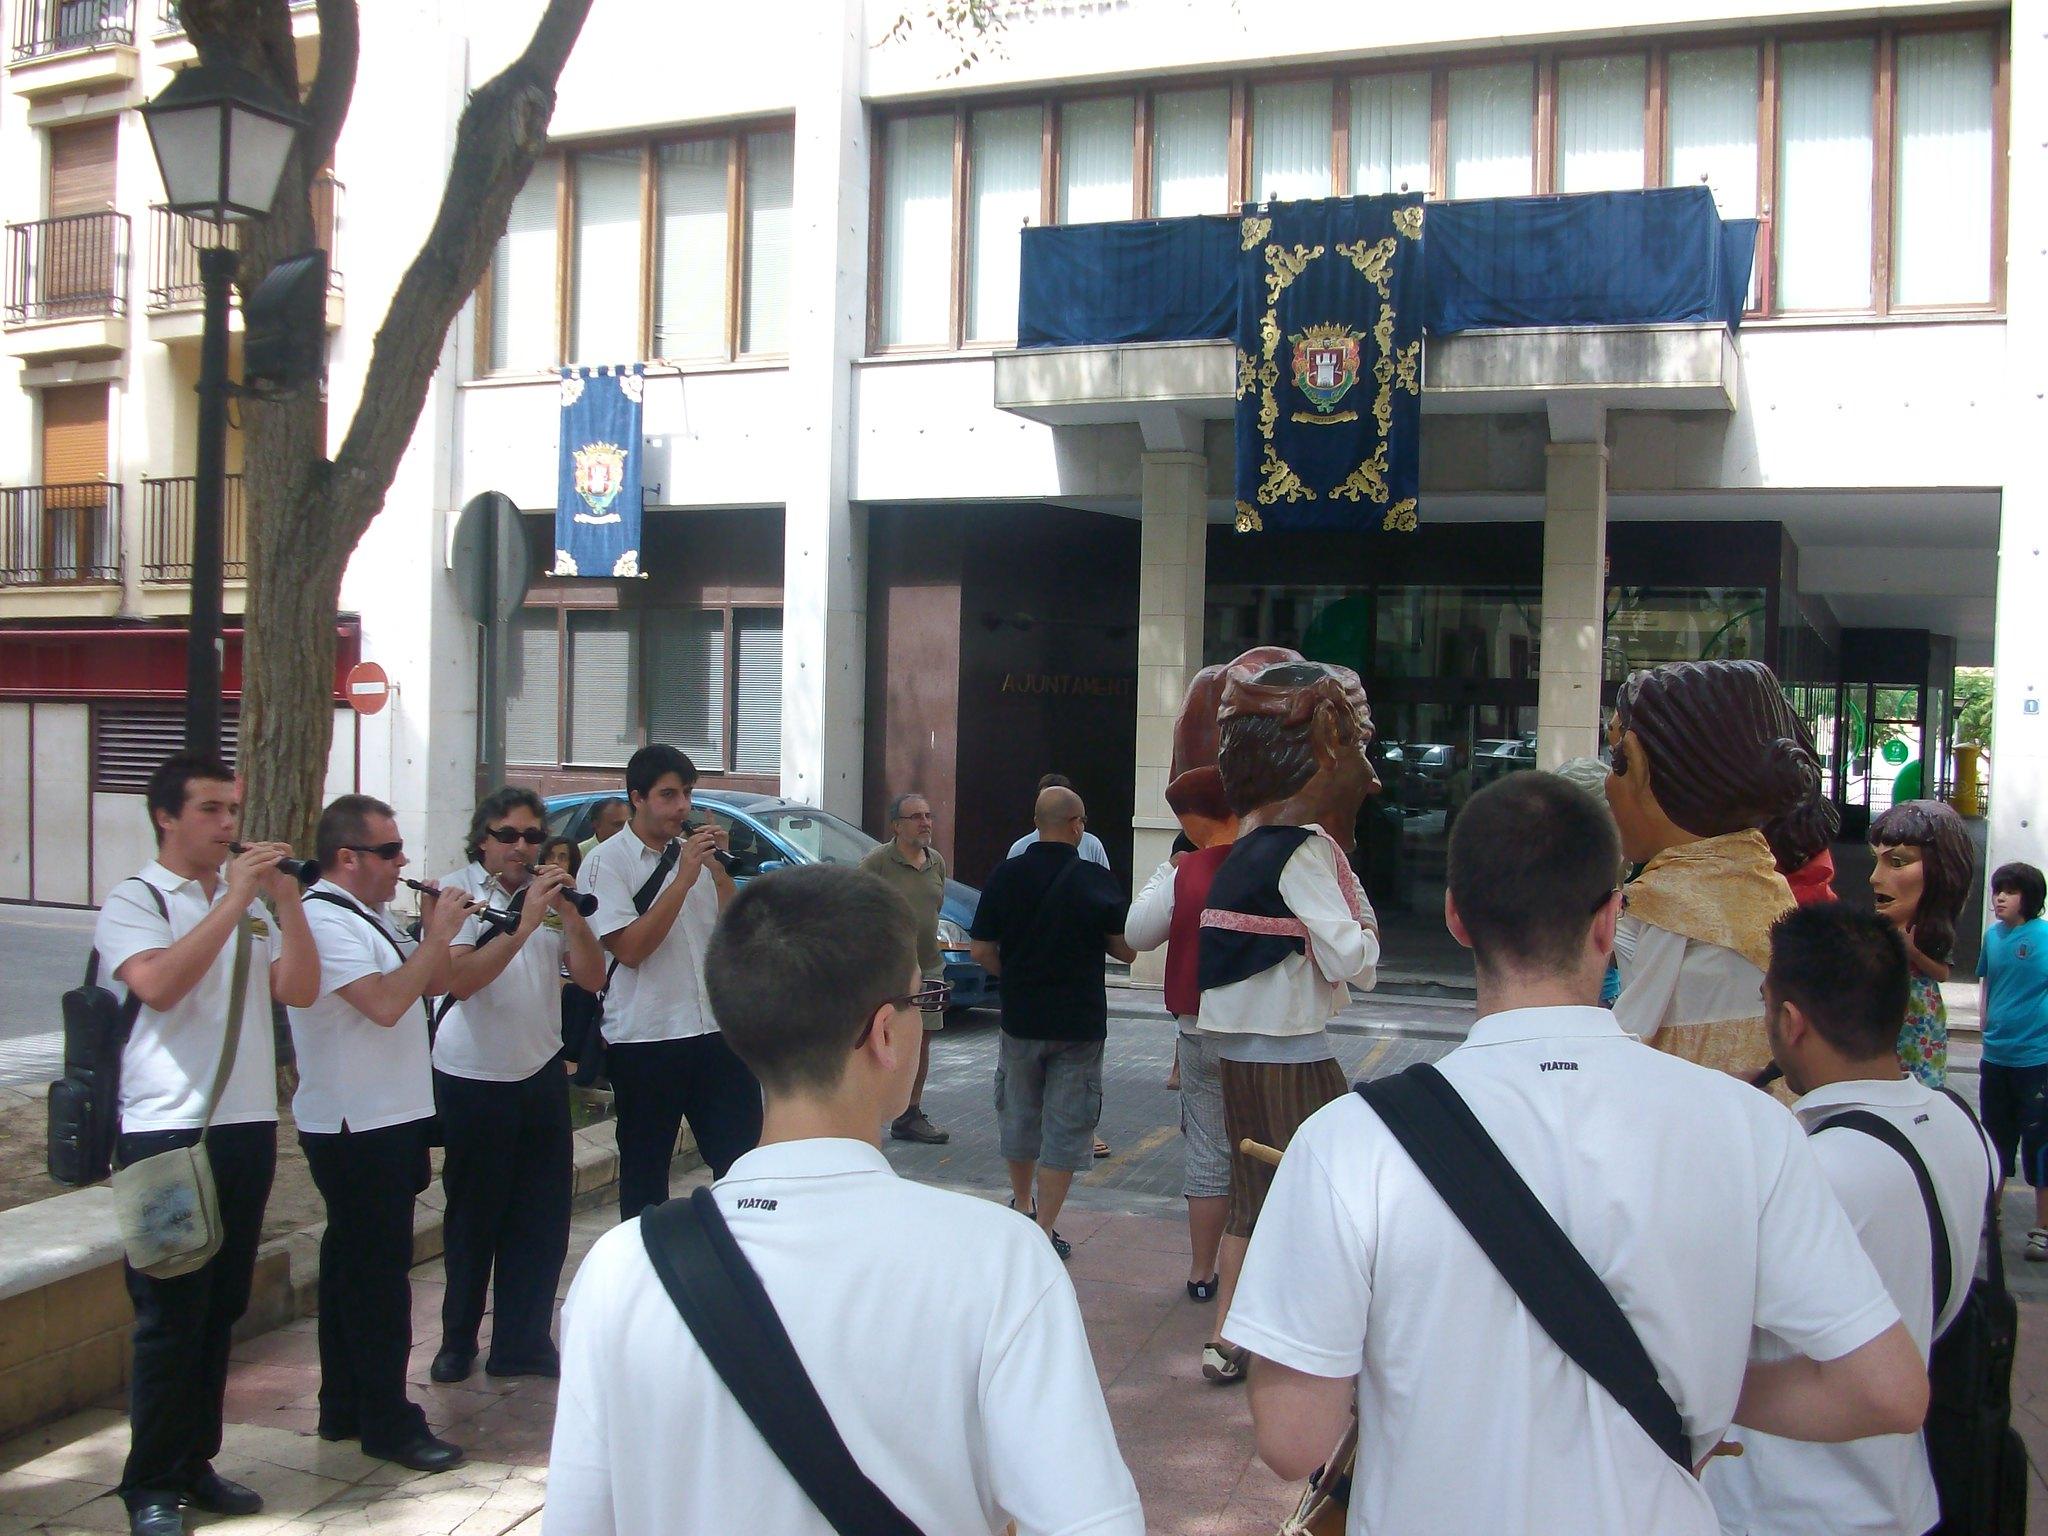 (2010-07-04) - Pasacalle Gent de Nanos - José Vicente Romero Ripoll -  (02)